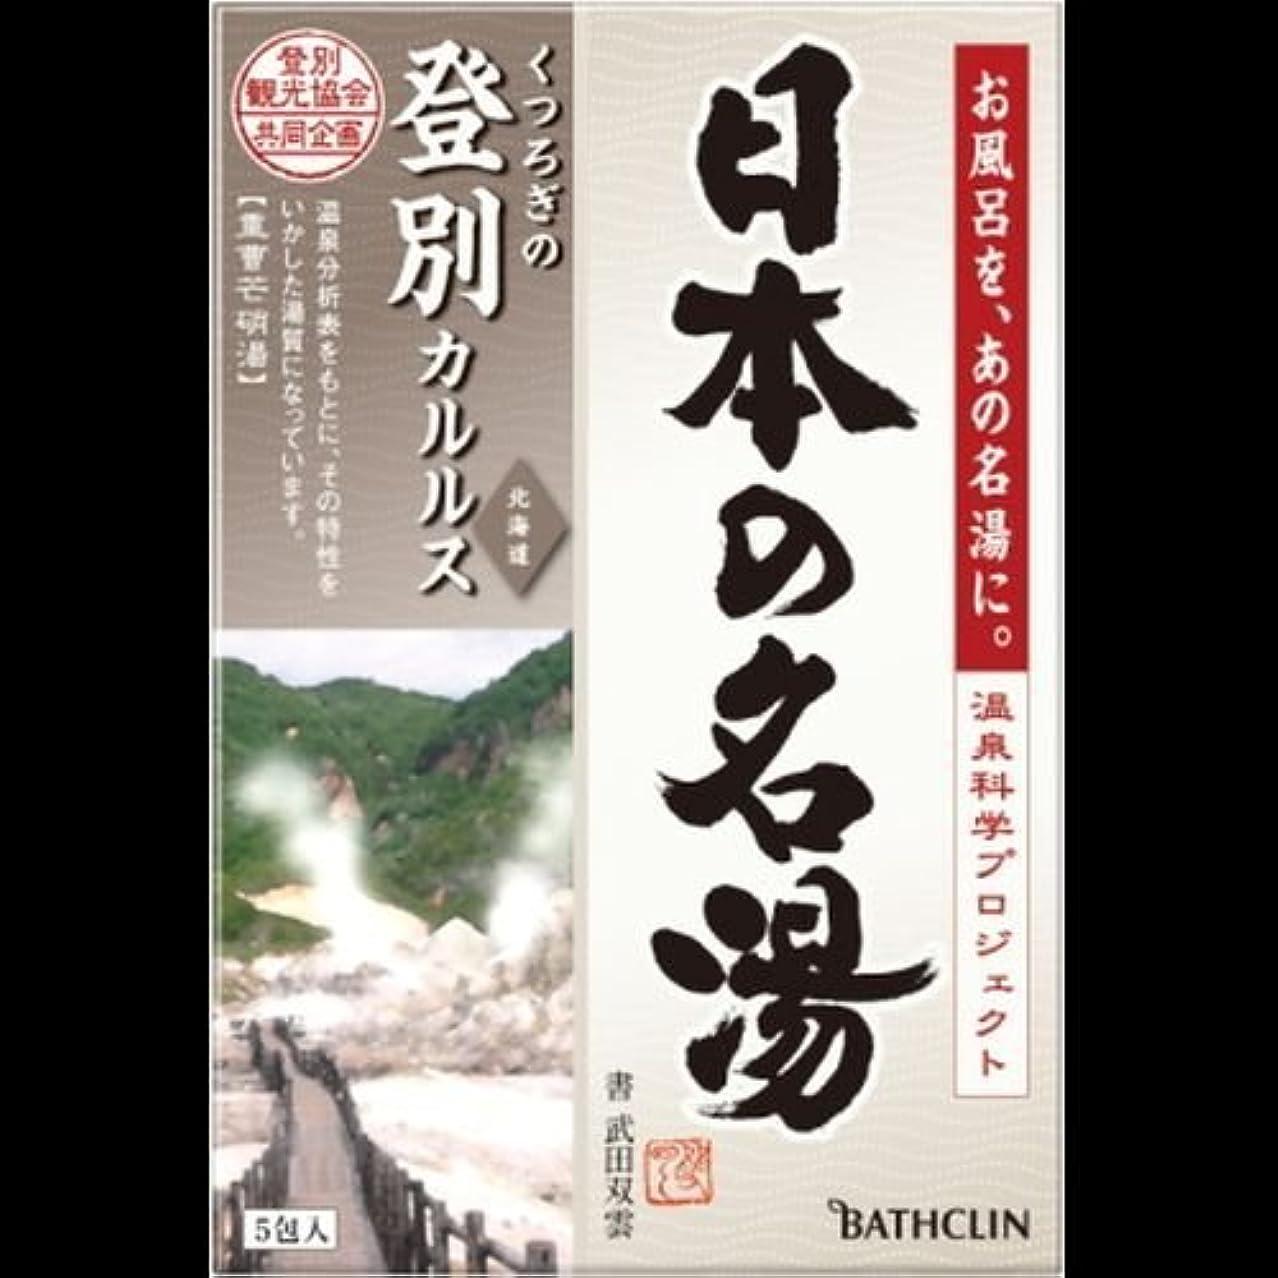 お手入れ多様な曲げる【まとめ買い】日本の名湯 登別カルルス 5包 ×2セット